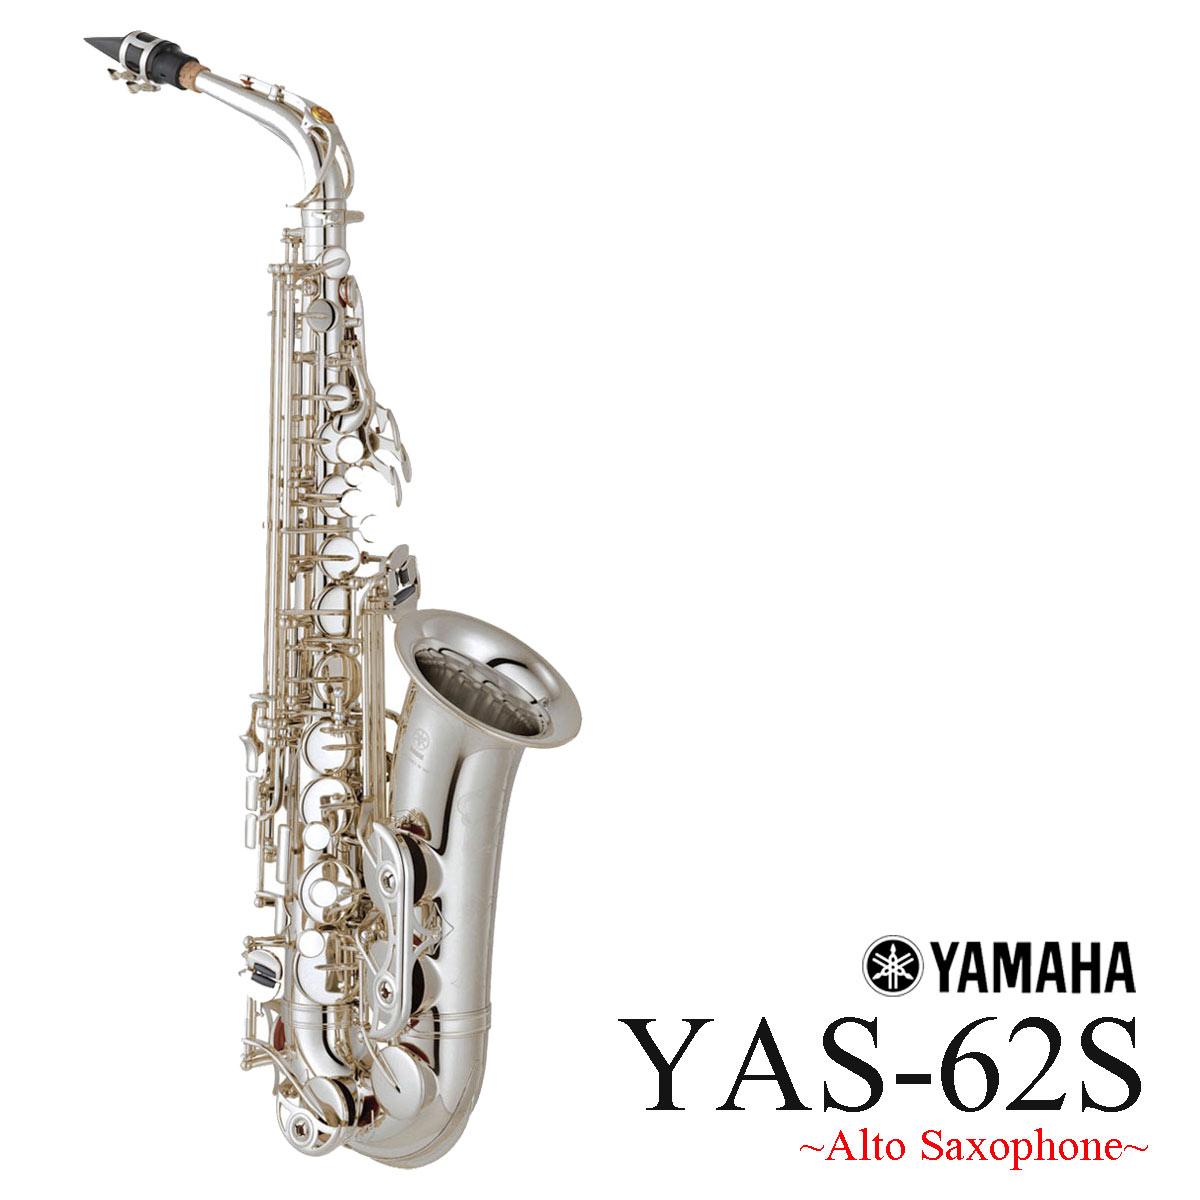 【在庫あり】YAMAHA YAS-62S ヤマハ アルトサックス 第4世代 銀メッキ仕上《倉庫保管新品をお届け※もちろん出荷前調整》【5年保証】